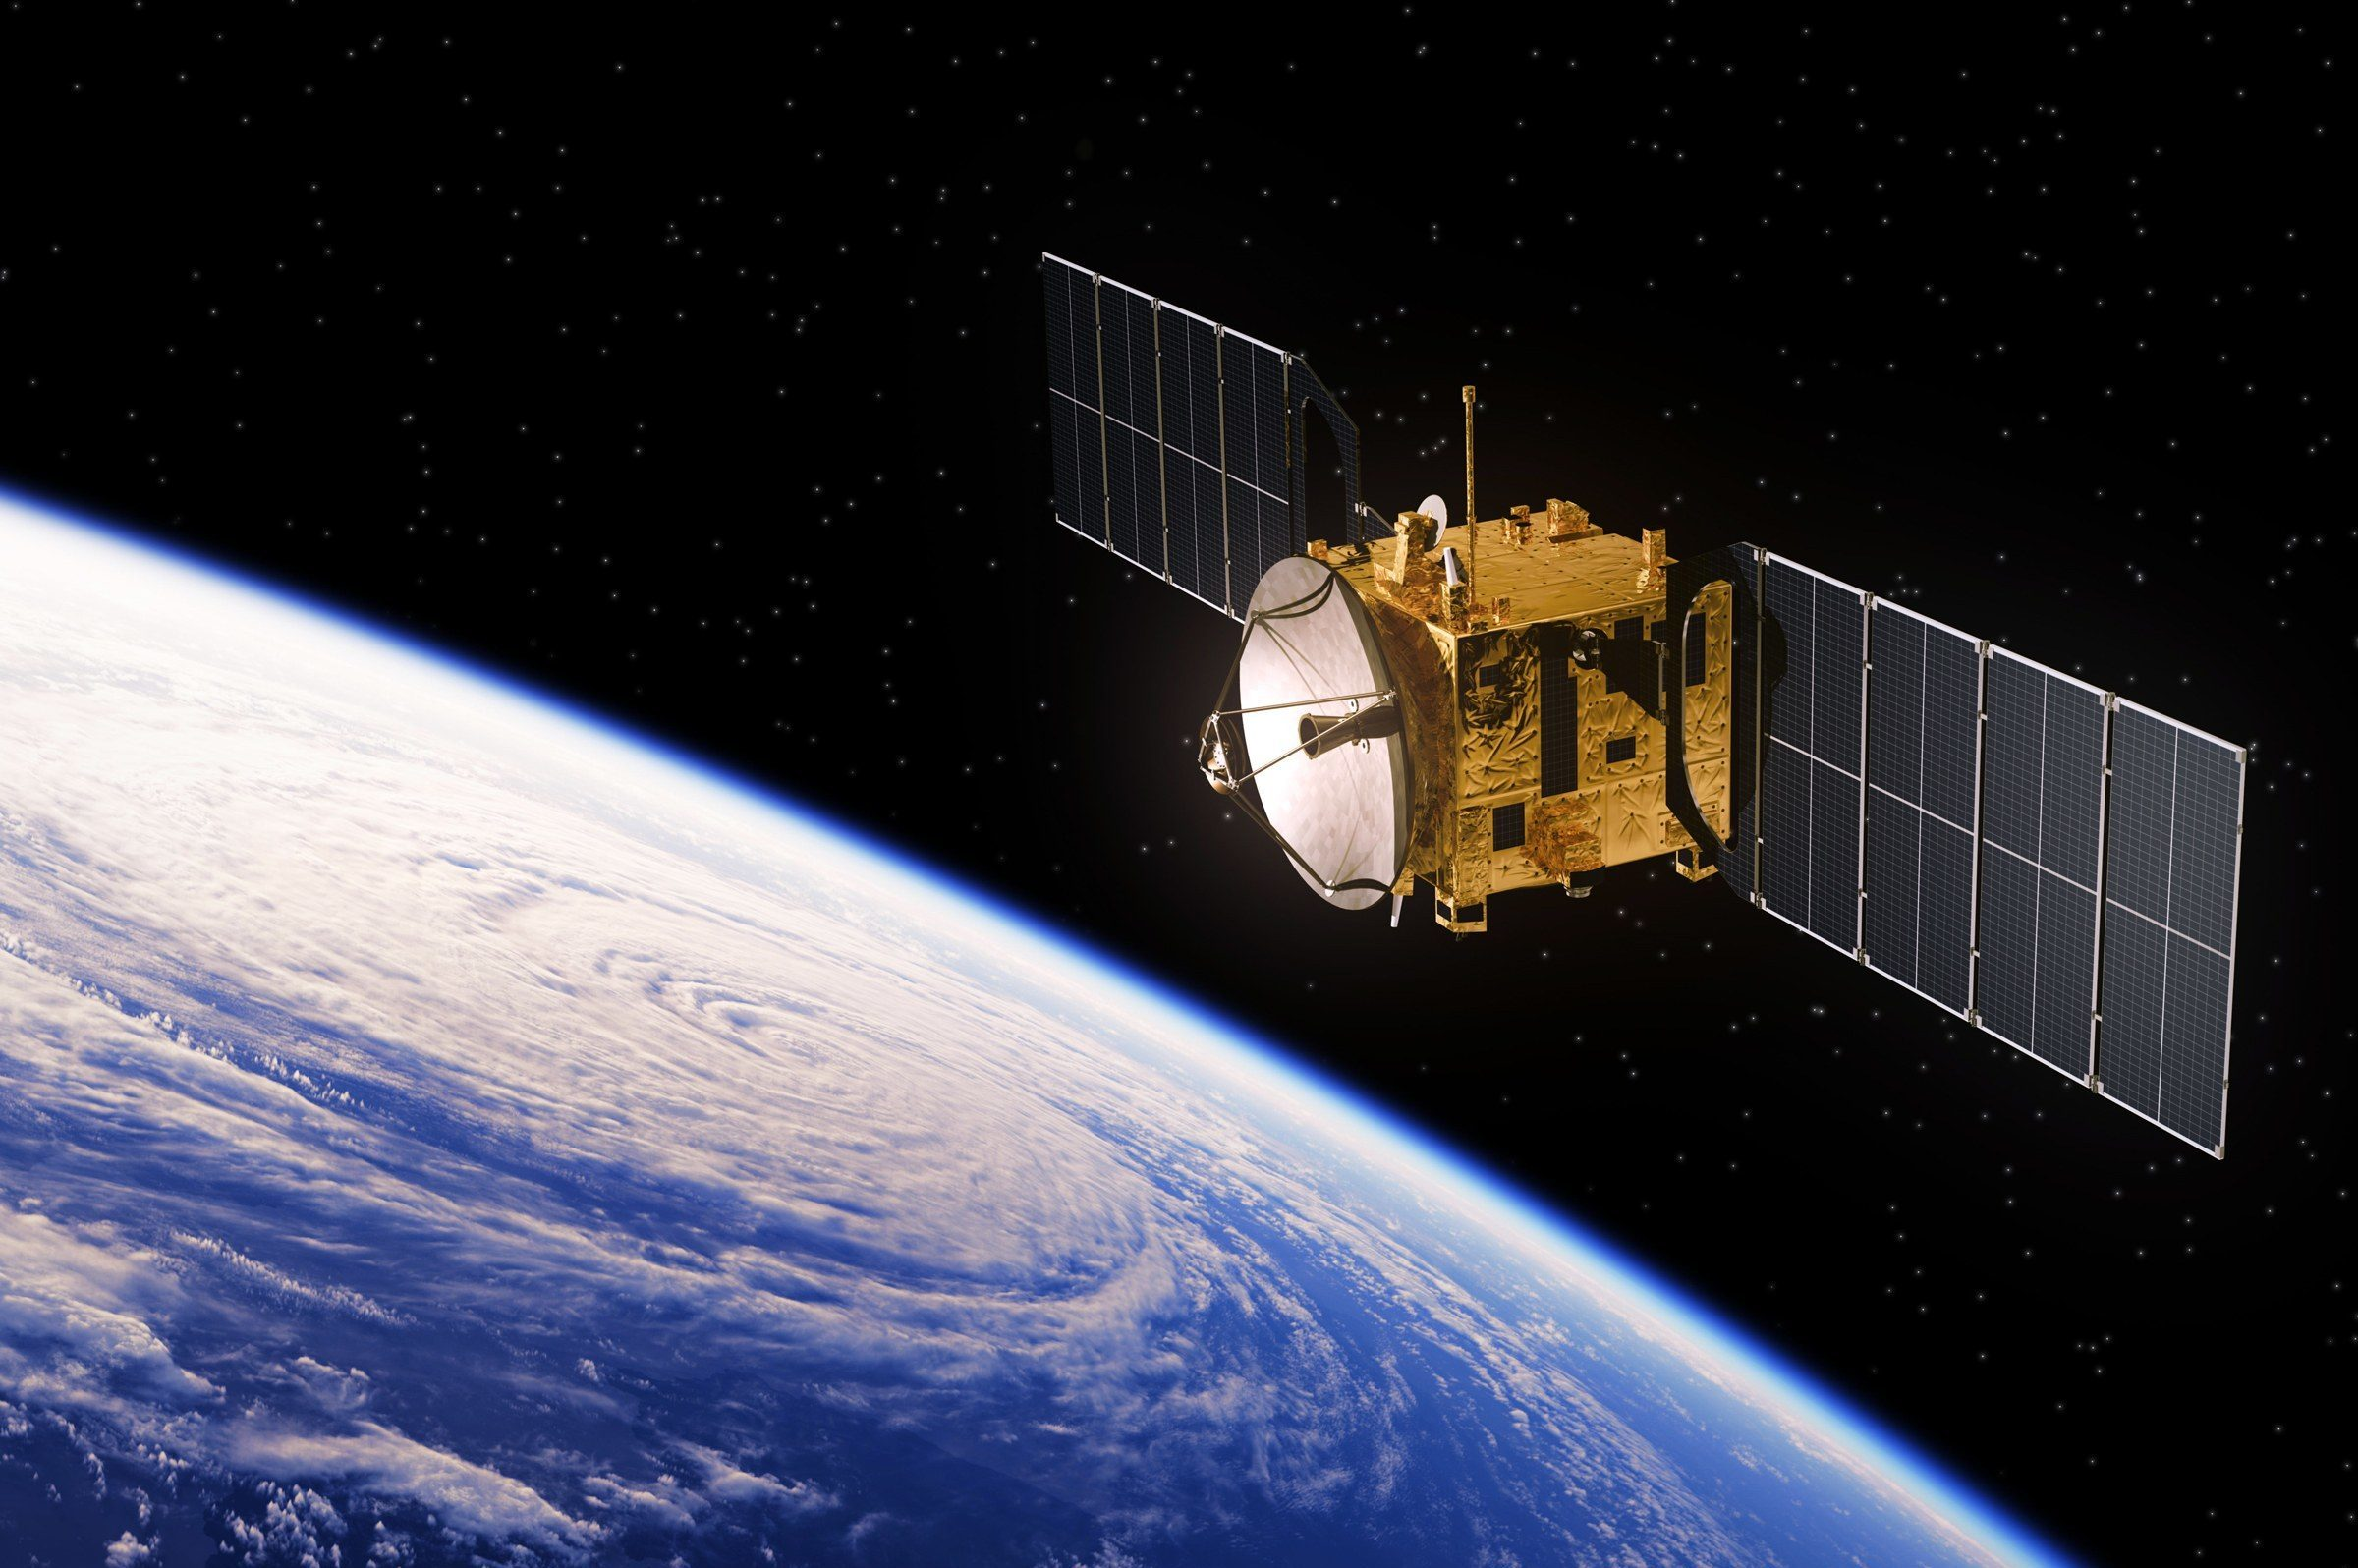 Satellite FHM56J e1542193846332 - Espacial